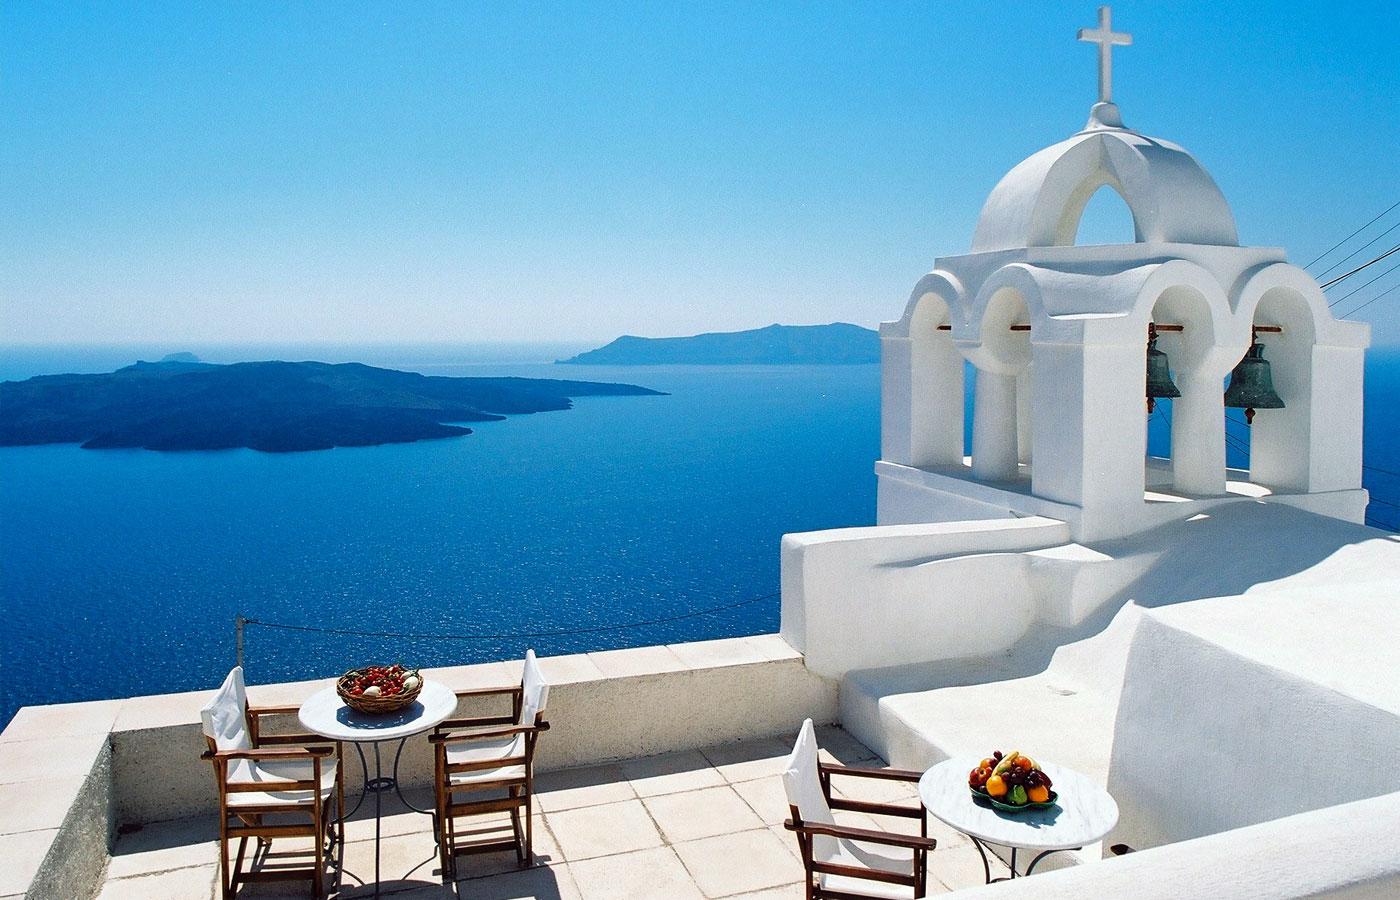 Santorini letovanje Santorini Grčka letovanje Kamari, Oia, Fira, Perisa